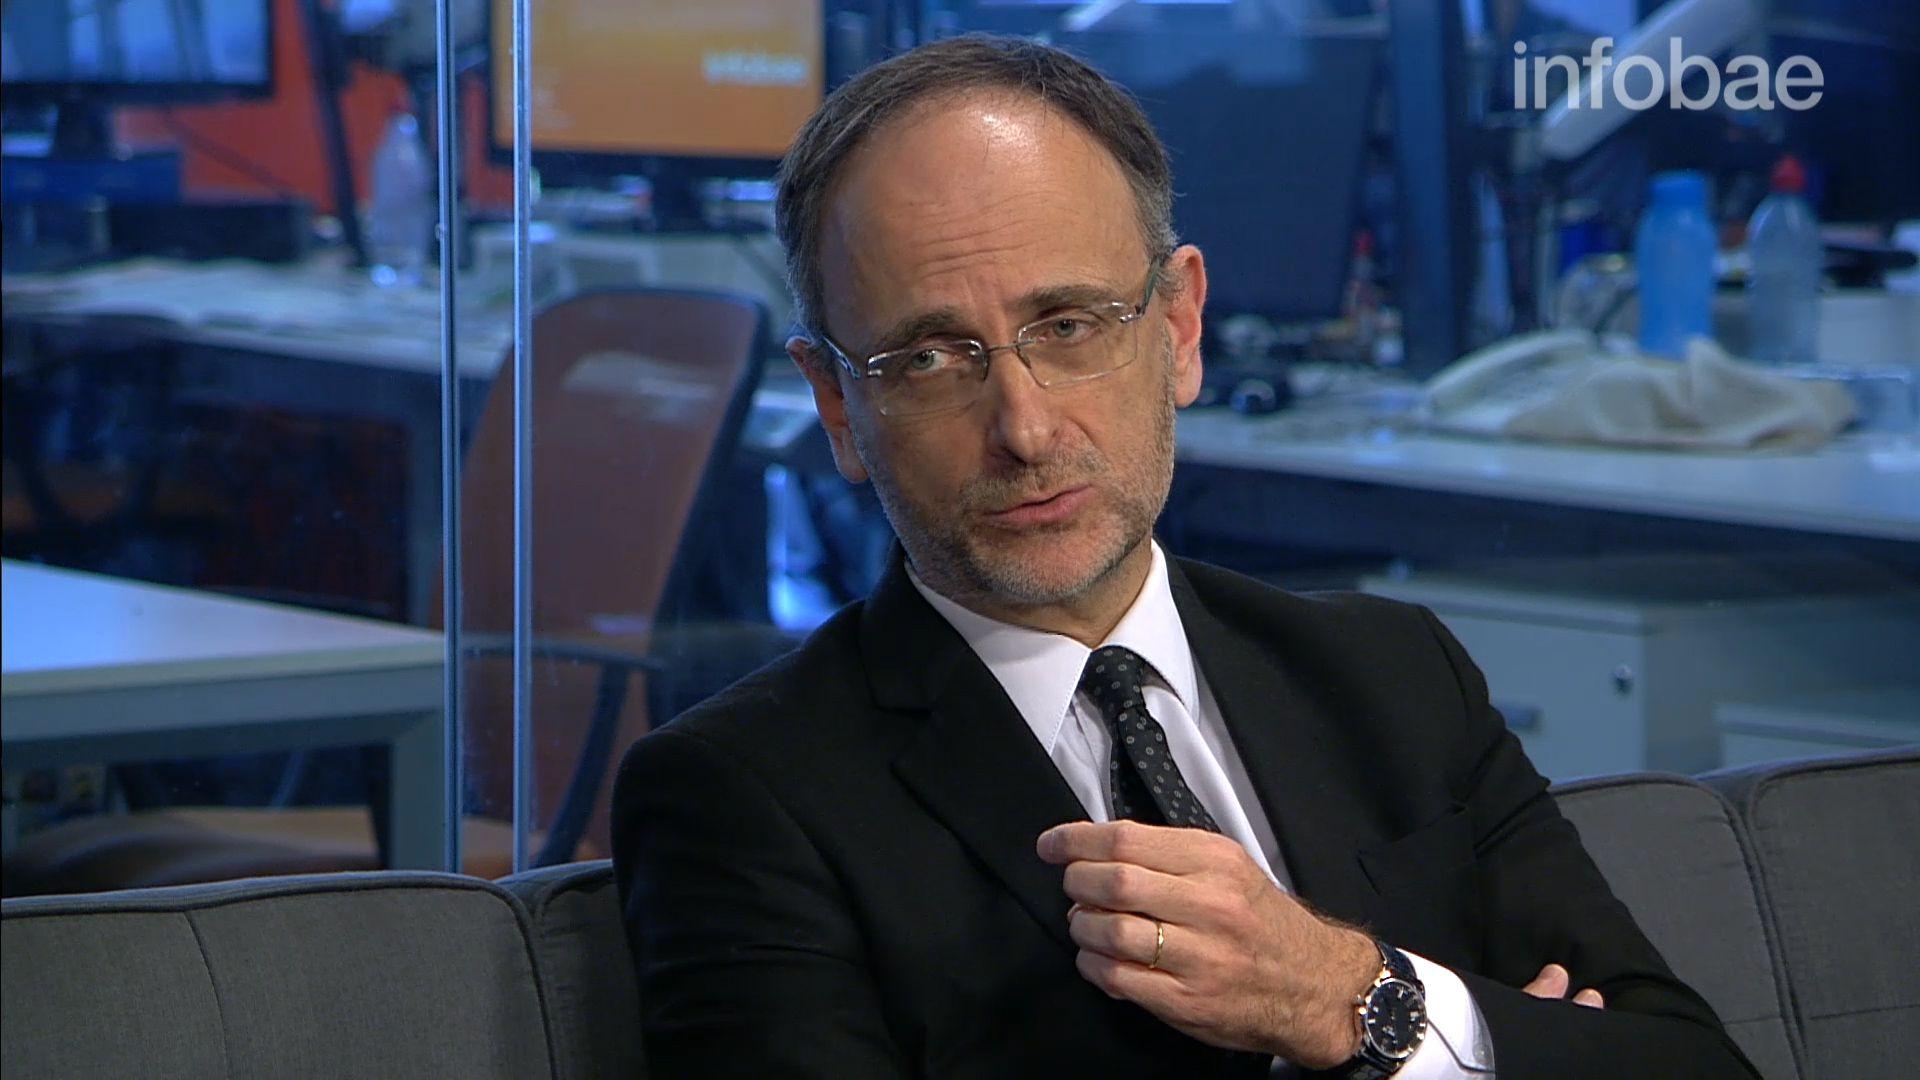 El ex procurador del Tesoro Carlos Balbín fue convocado por la oposición para disertar sobre reforma judicial